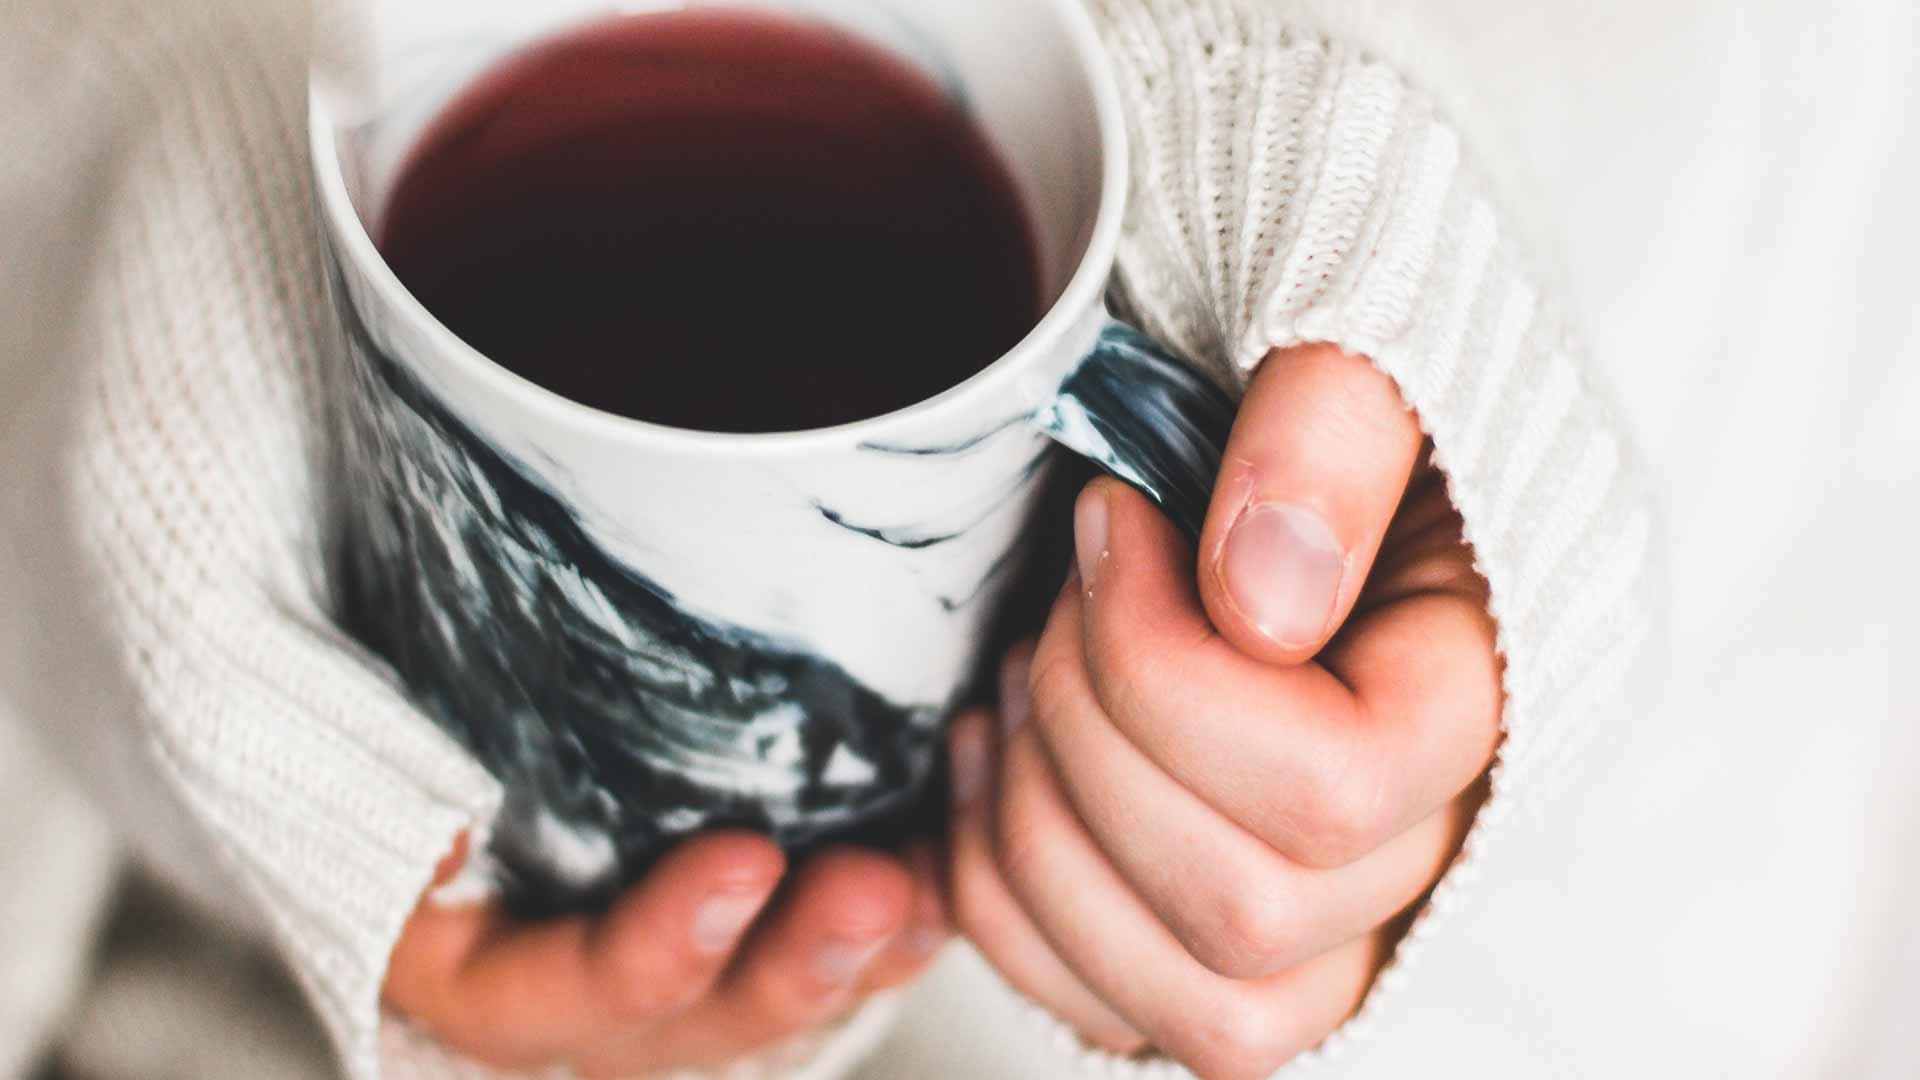 Что будет если выпить кофе во время месячных